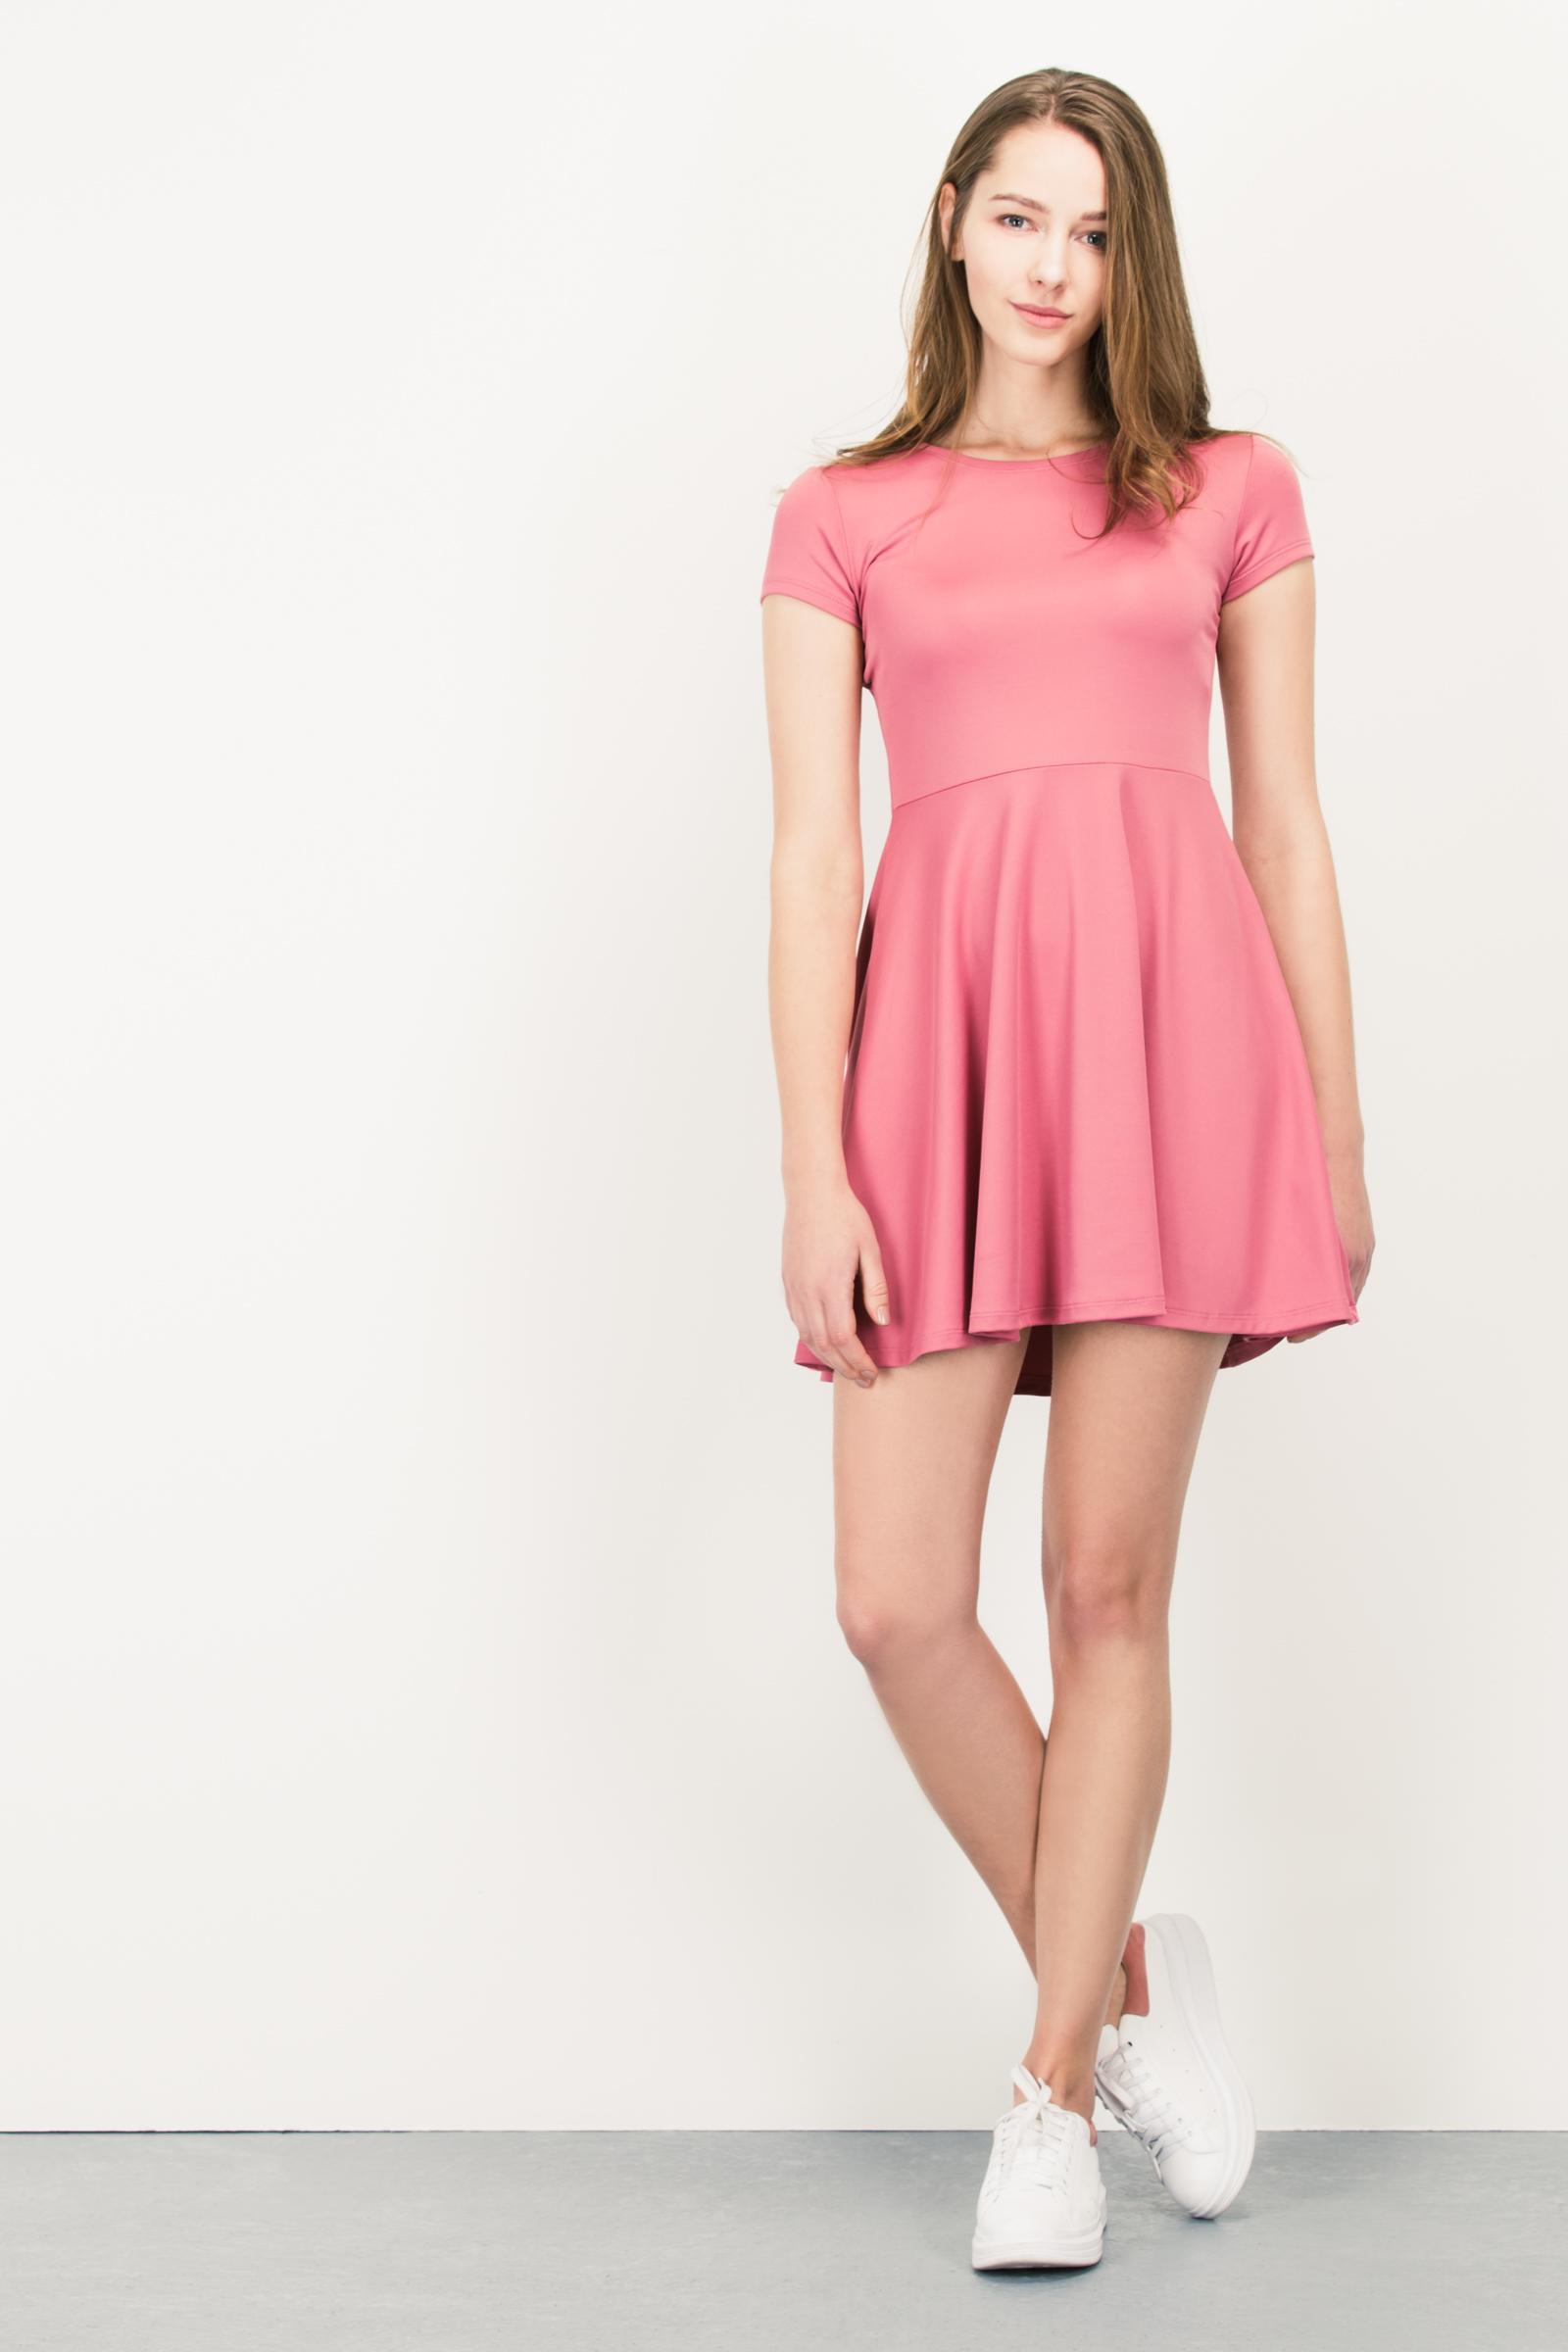 Moderno Vestidos De Dama Naranja Rústico Bosquejo - Colección de ...